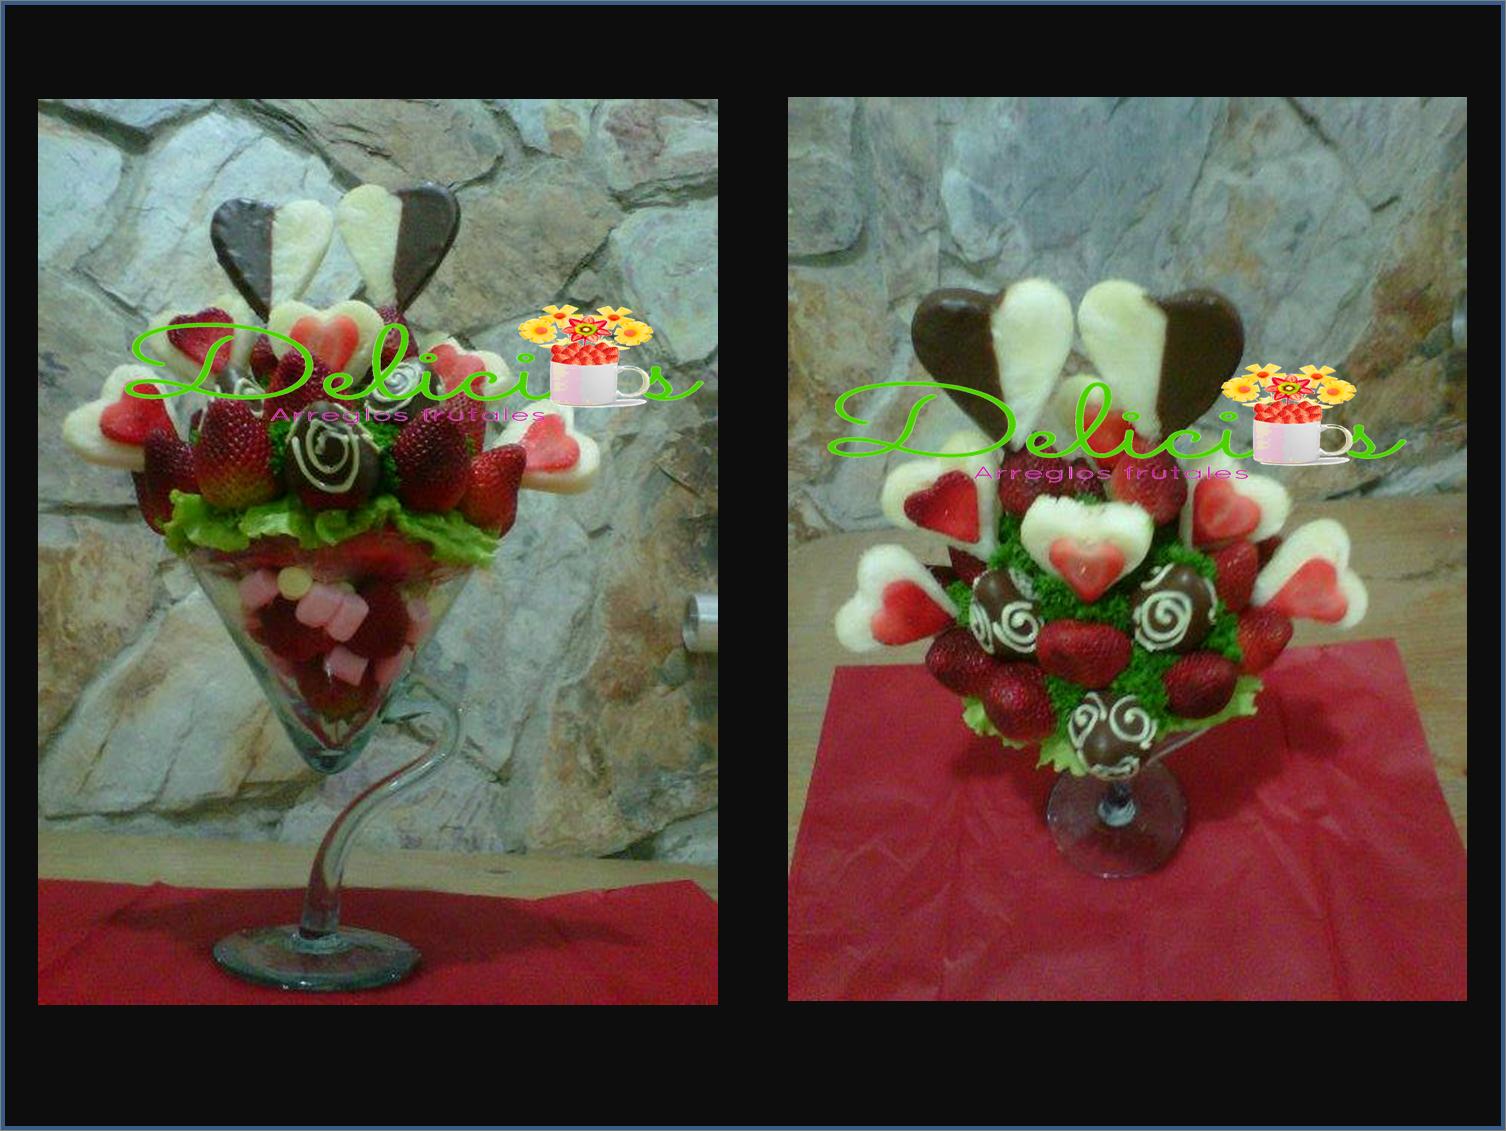 Corazones de frutas en copa de vidrio arreglos bouquets for Copas de cristal